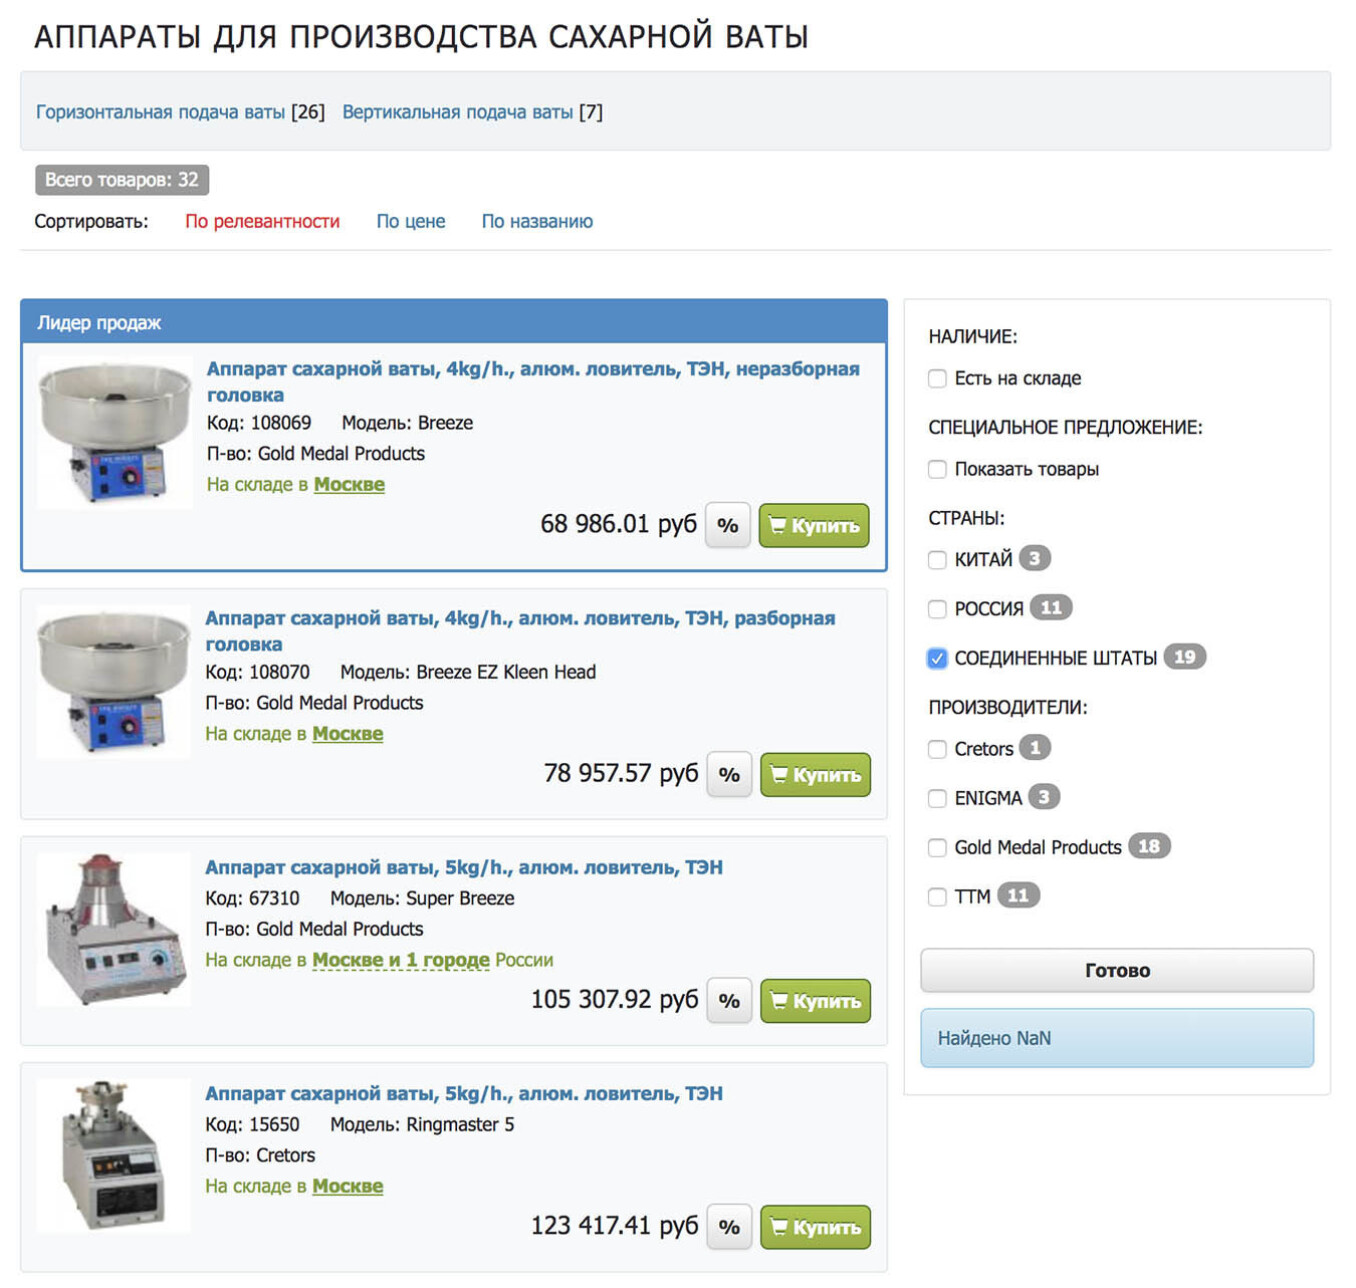 Американские аппараты считаются надежными, но и стоят от 70 тысяч рублей